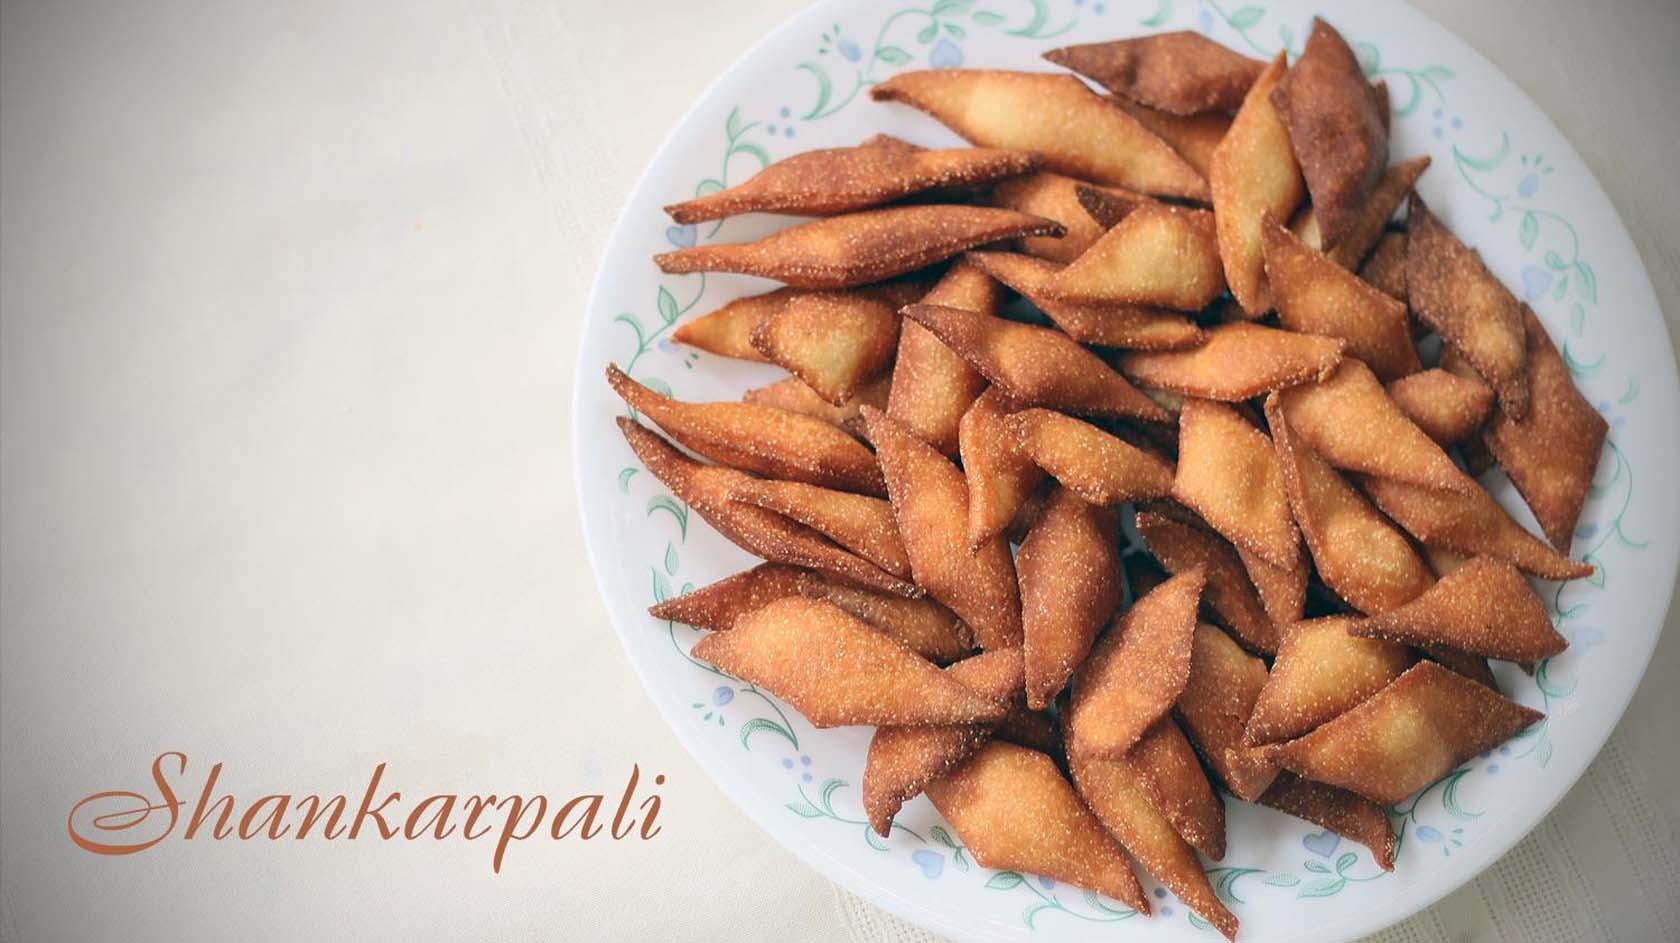 Shankarapali